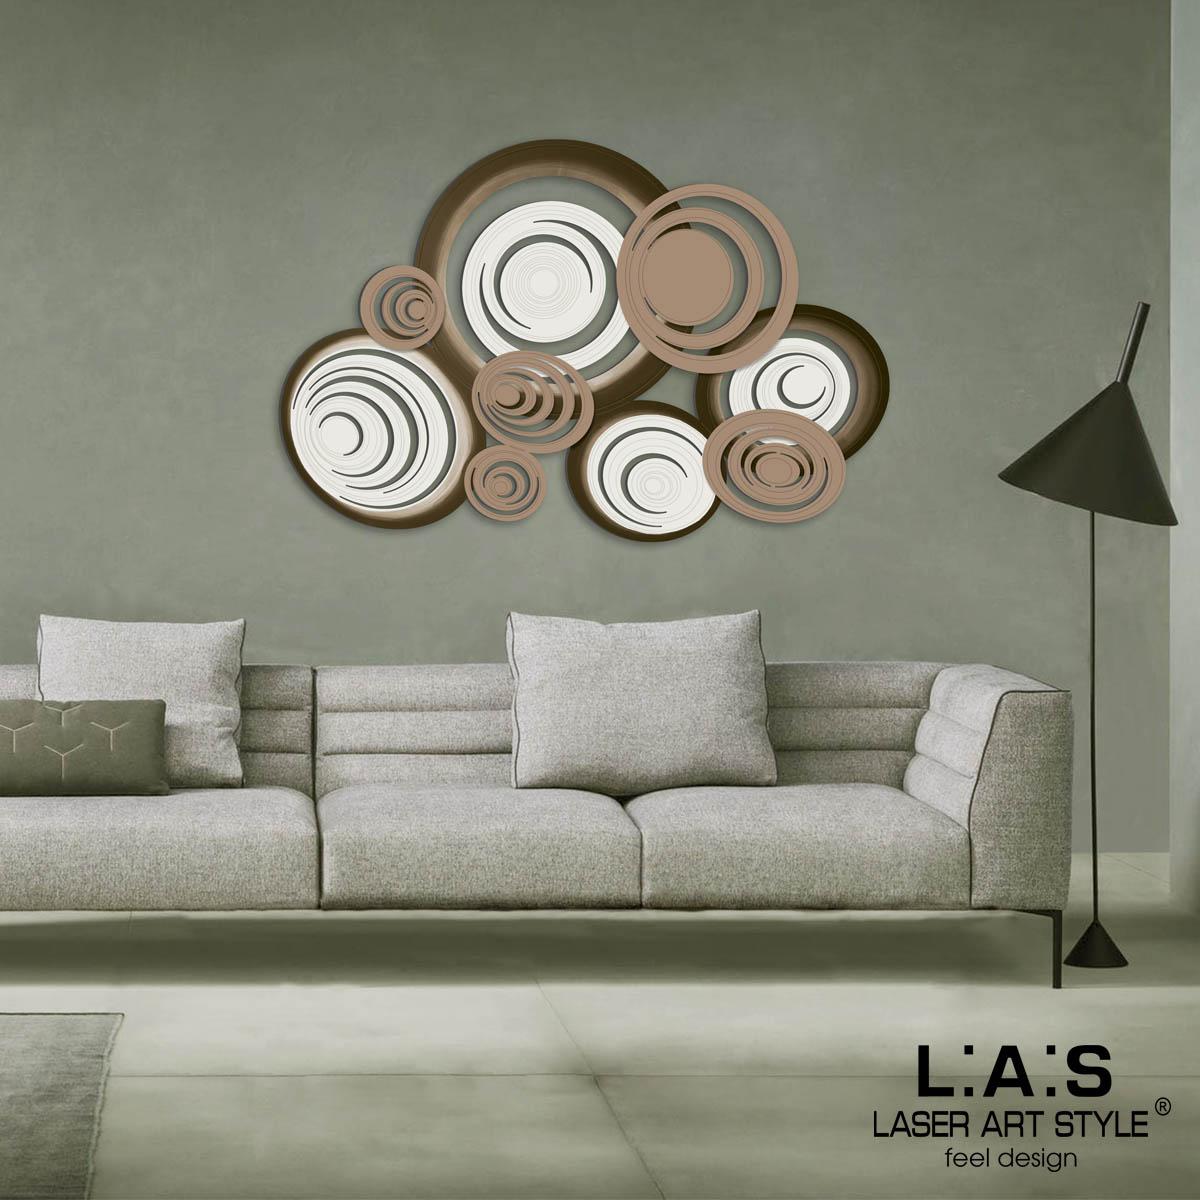 L:A:S - Laser Art Style - QUADRO MODERNO – SCULTURA DA PARETE – SI-183 PANNA-NOCCIOLA-NOCCIOLA-DECORO MARRONE